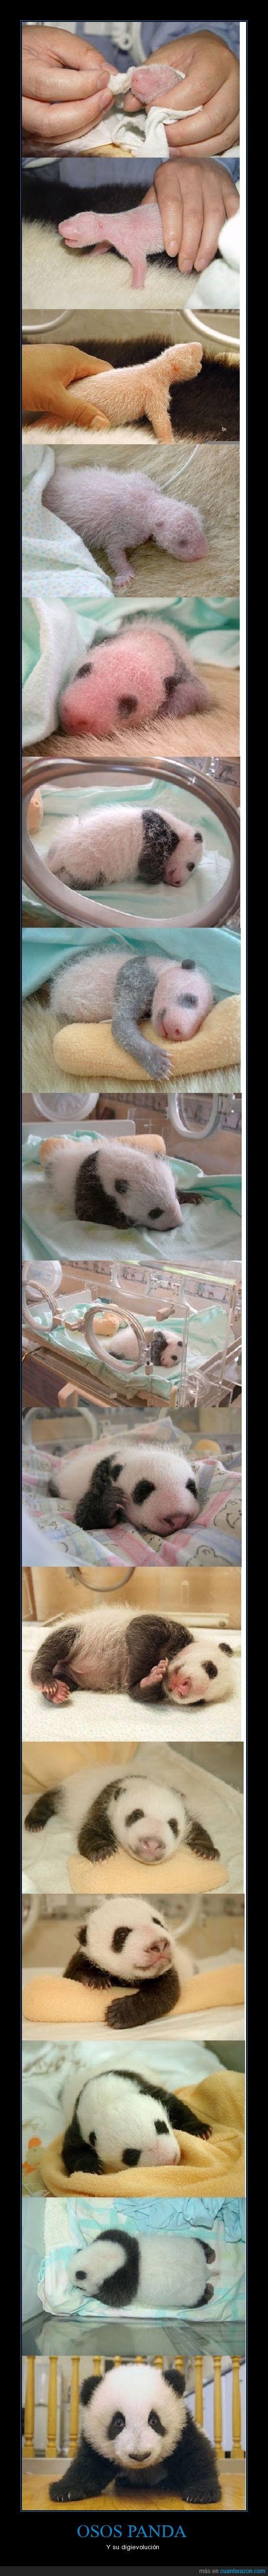 blanco,digievolucion,evolucion,feo,negro,oso panda,peludo